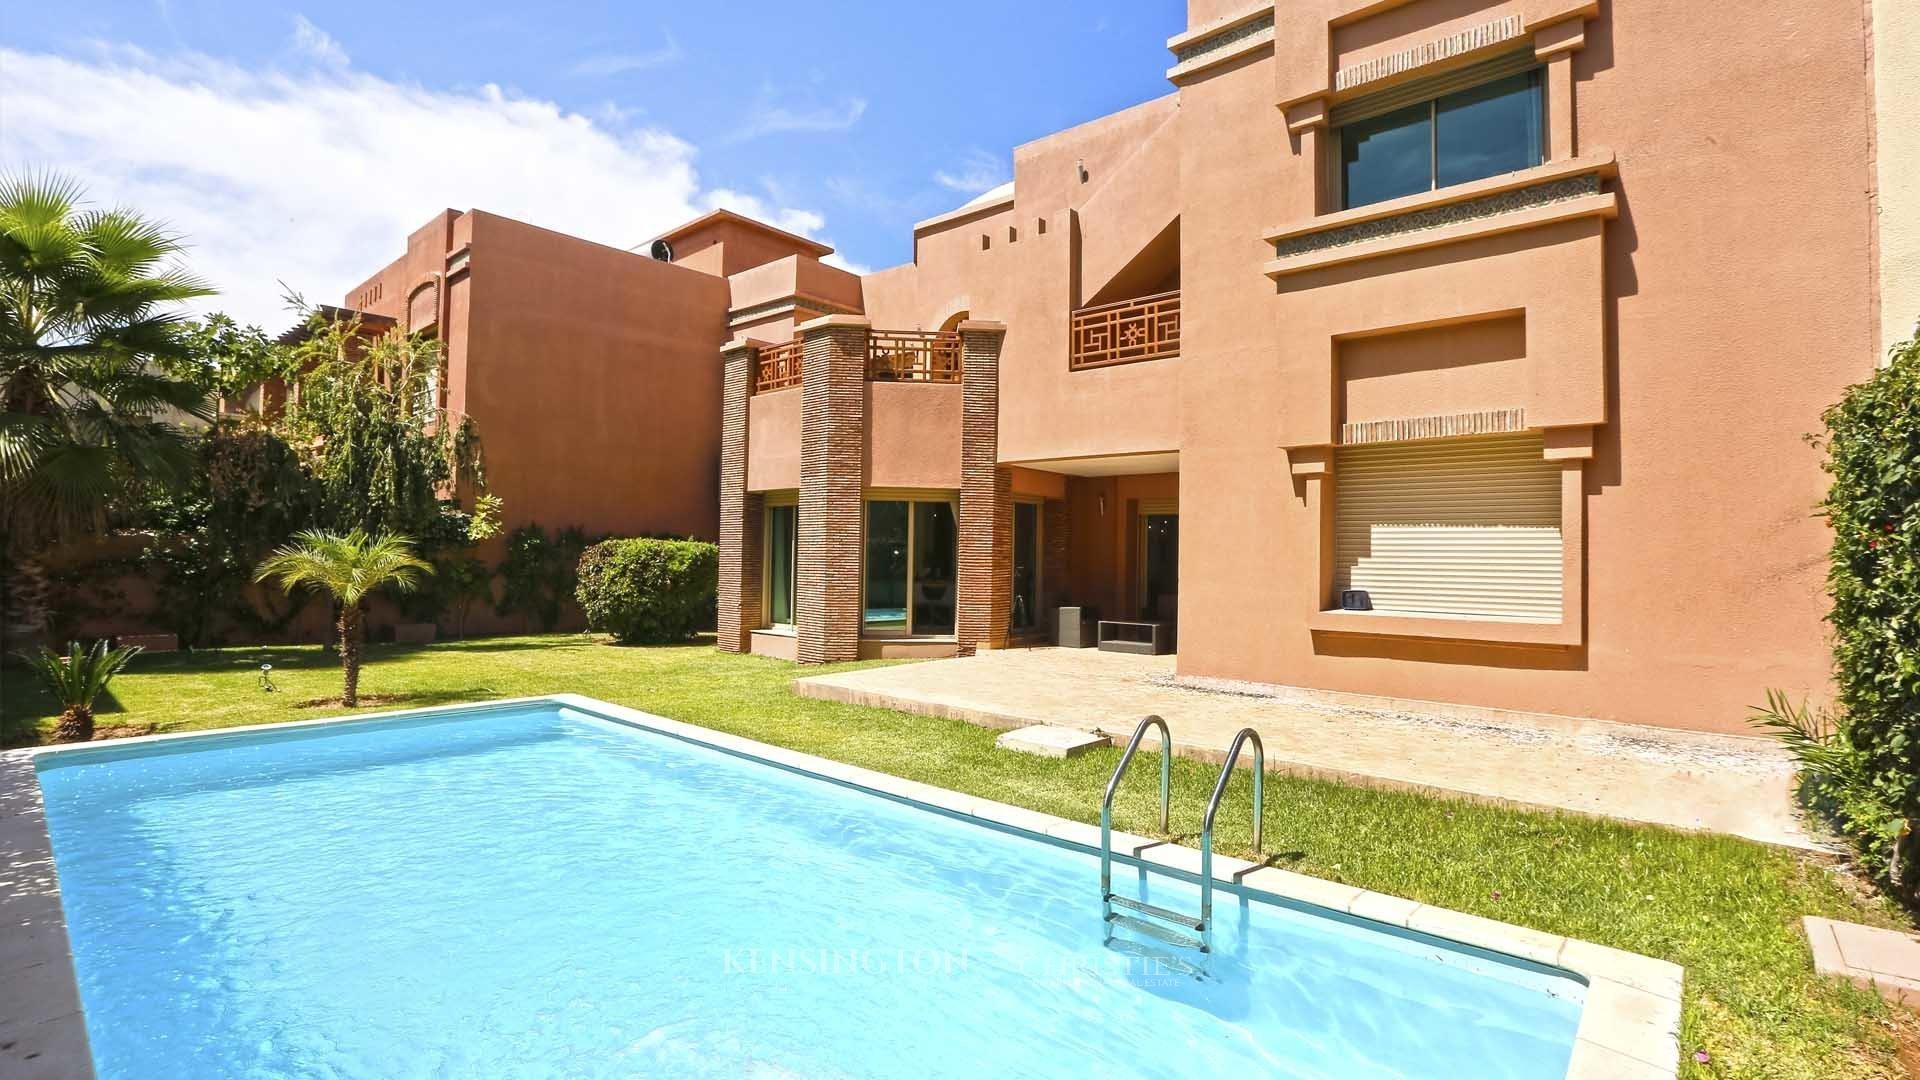 KPPM01283: Villa Chemsi Luxury Villa Marrakech Morocco